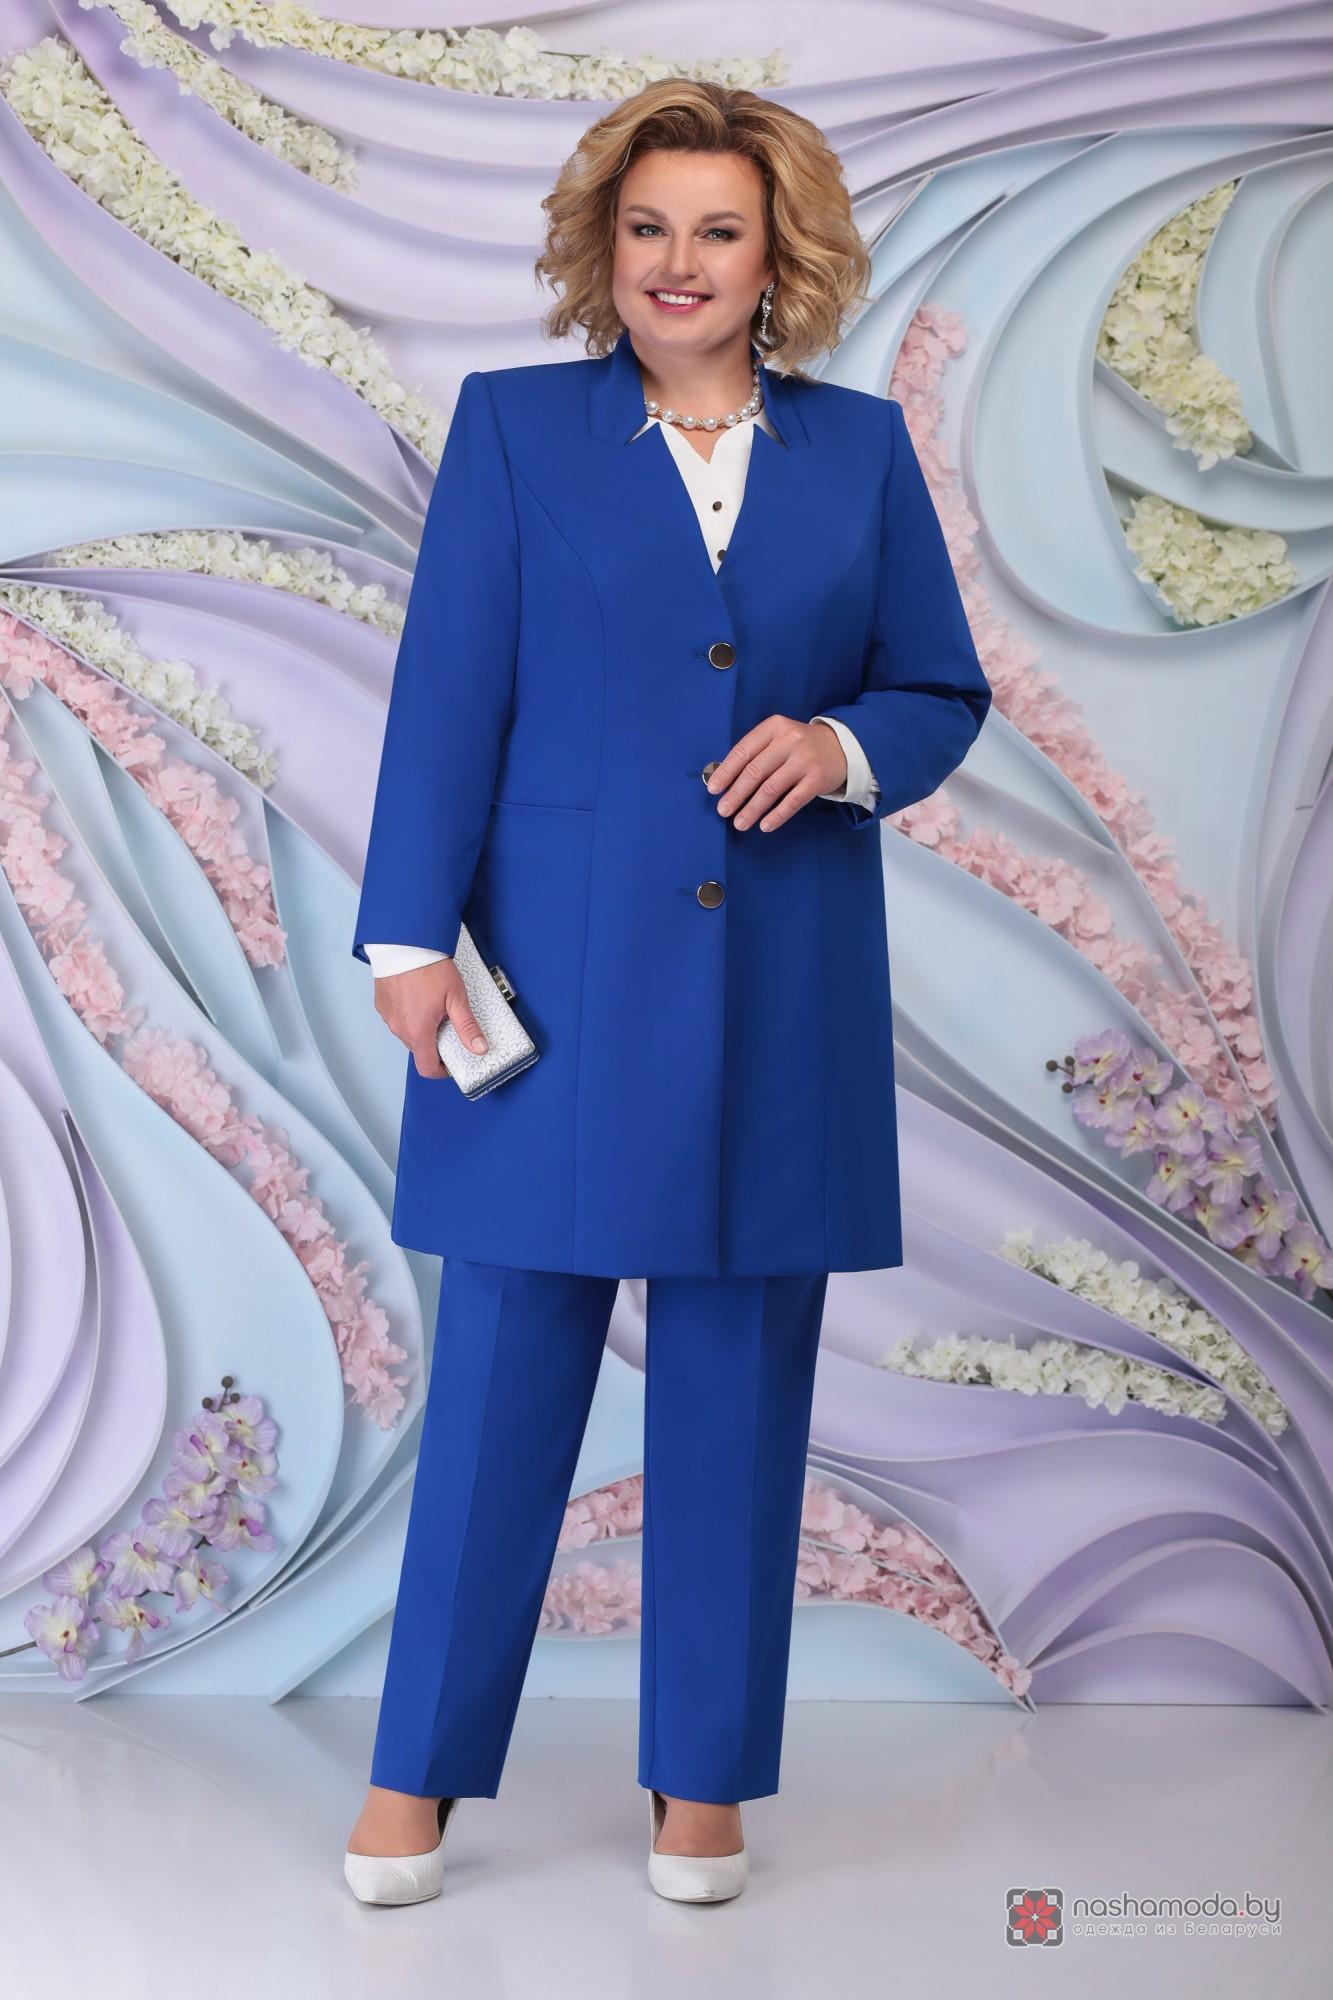 Восточный брючный костюм женский фото